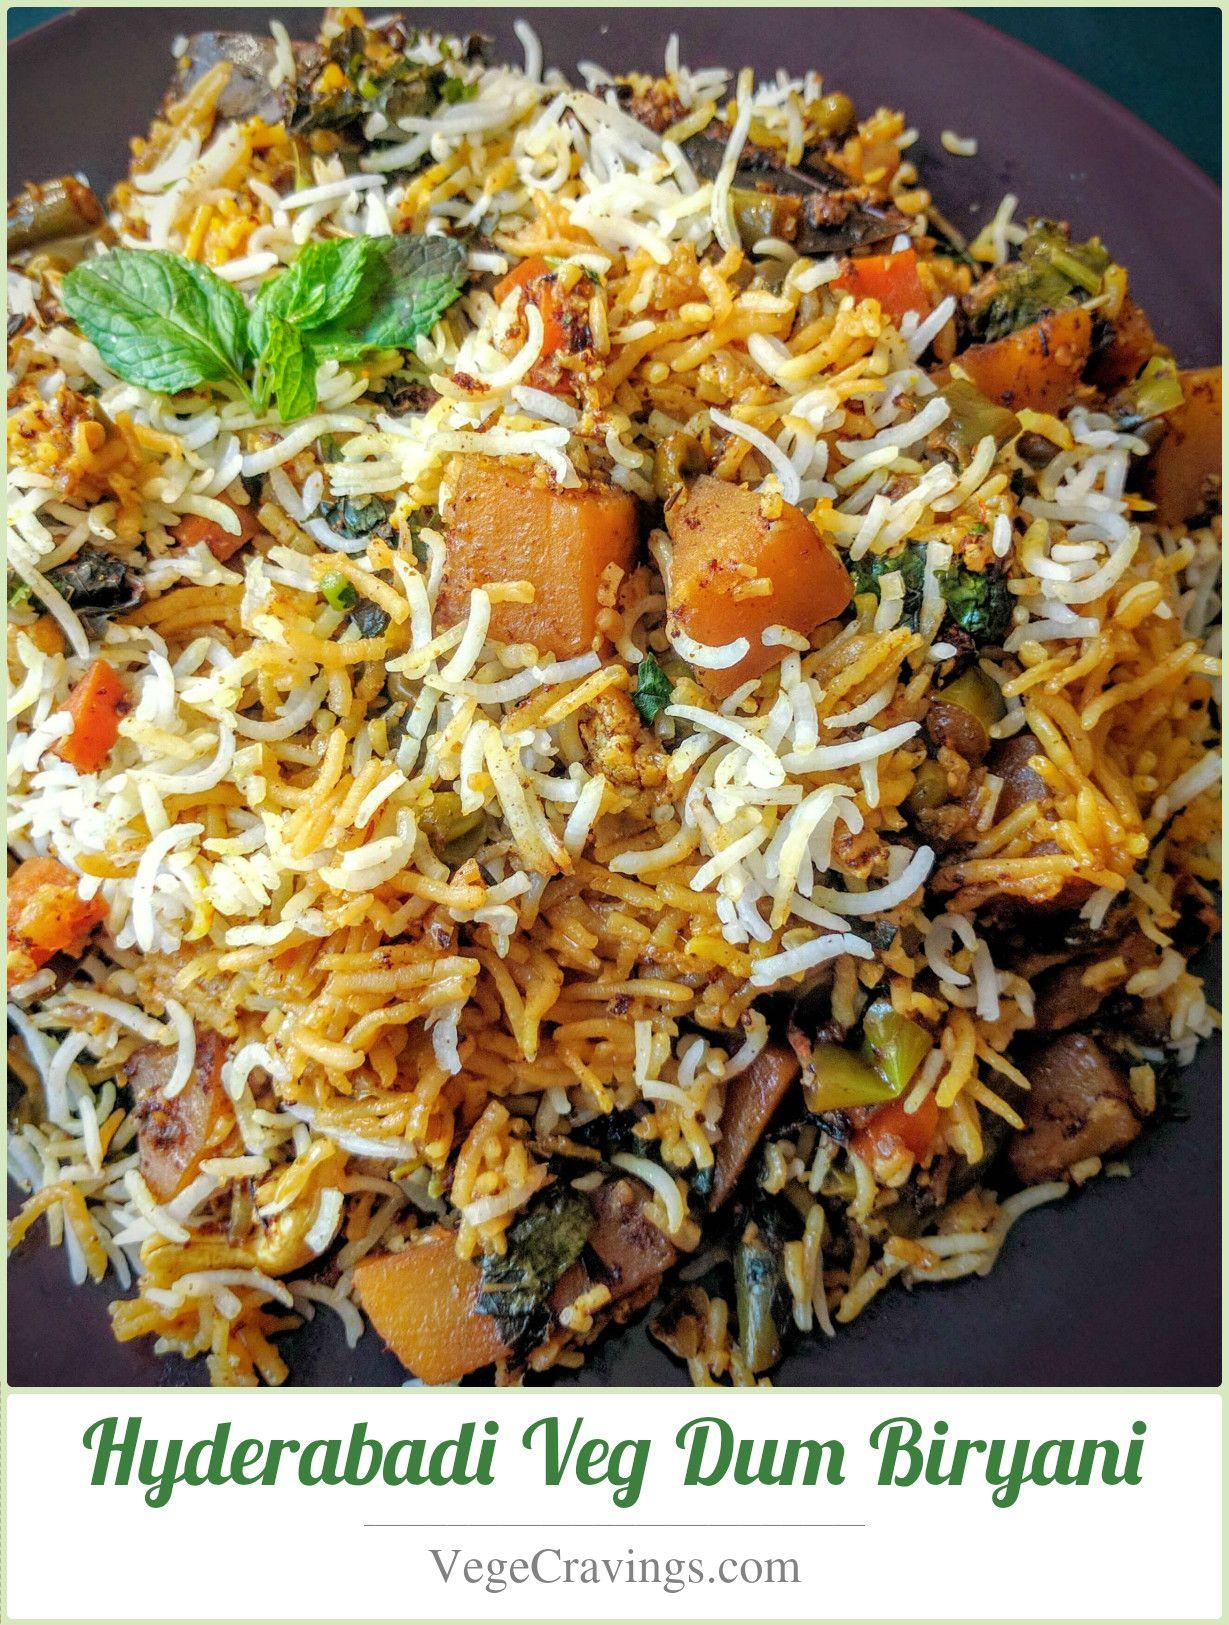 Veg Biryani Recipe Hyderabadi Veg Dum Biryani Vegecravings Recipe Veg Biryani Biryani Recipe Dum Biryani